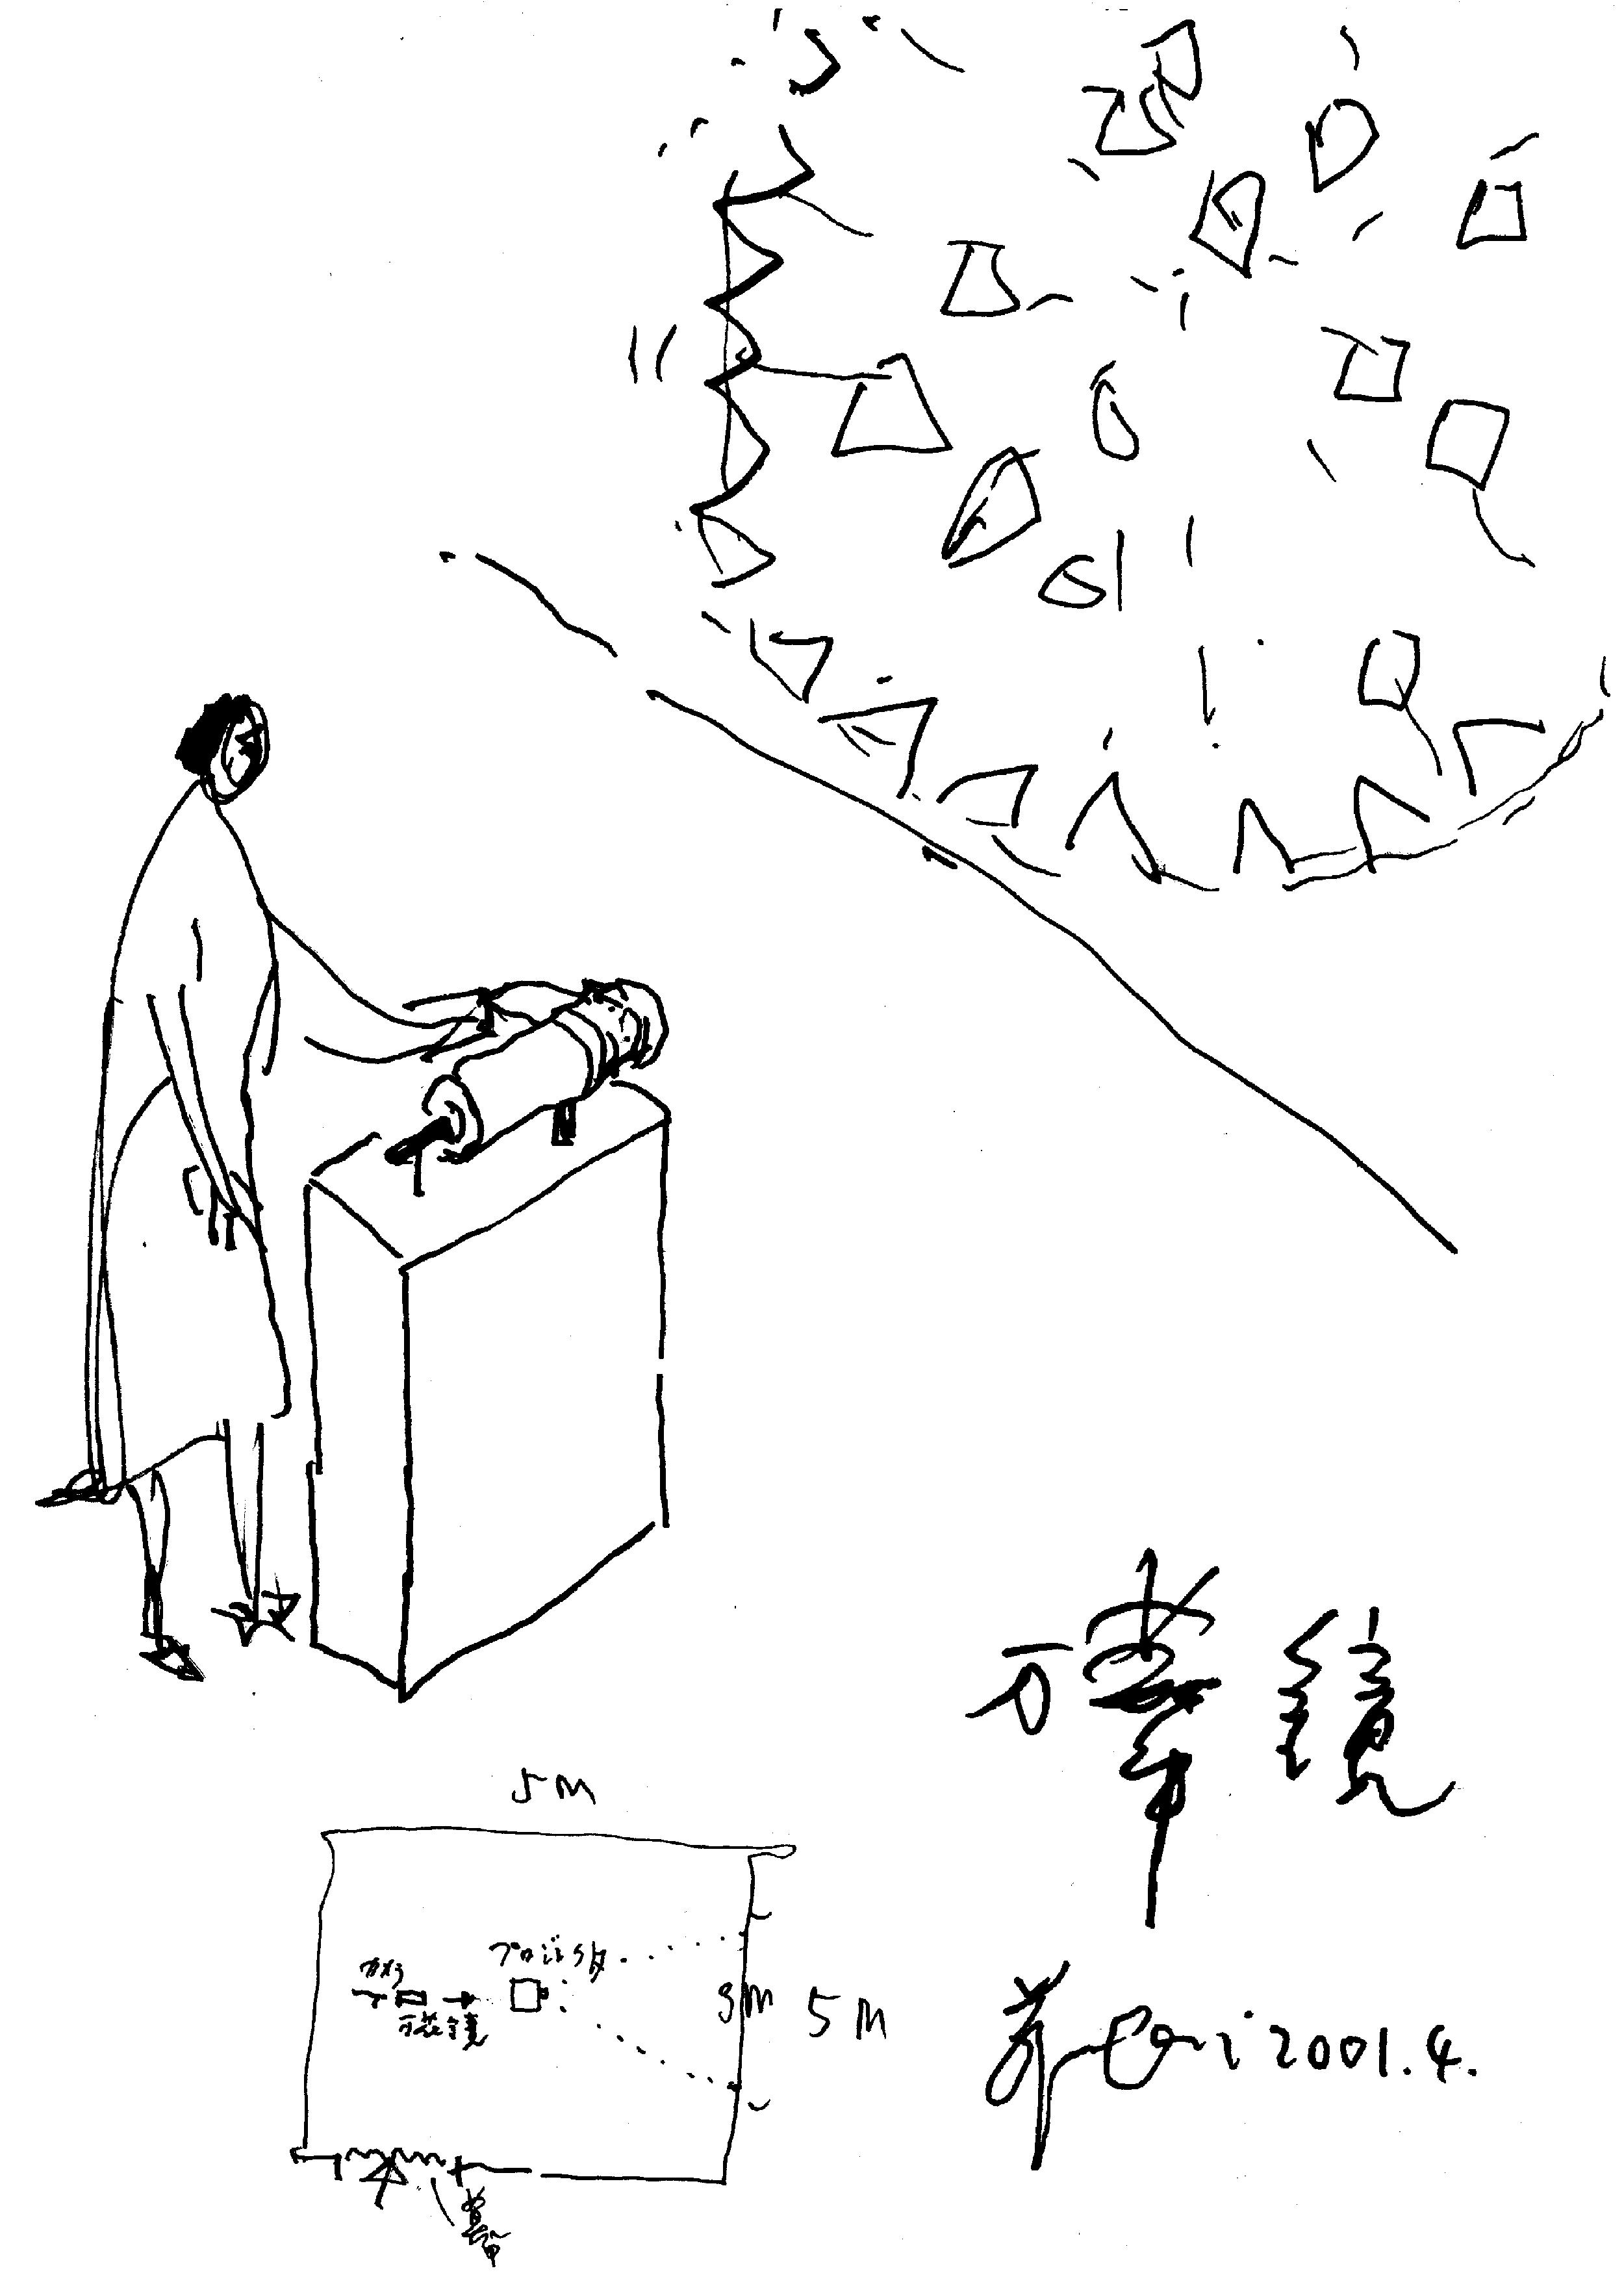 個展「万華鏡」のためのプラン・ドローイング